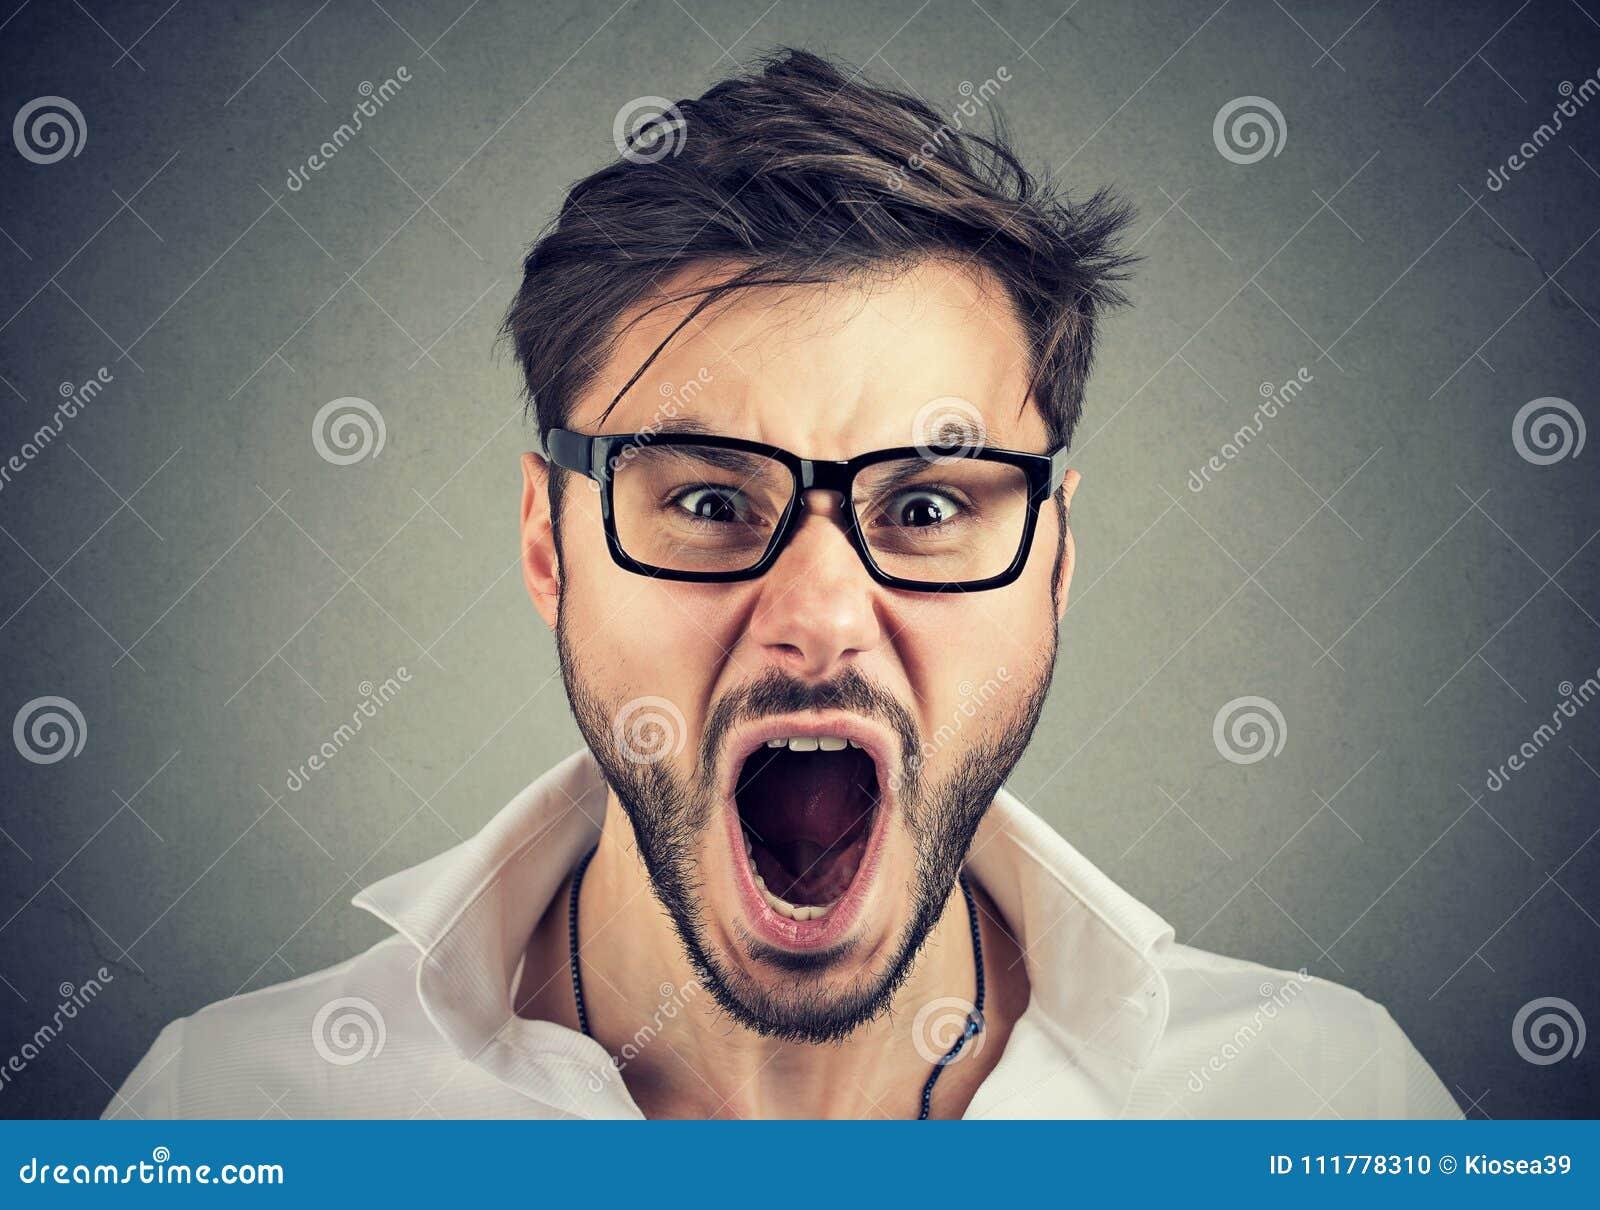 Young angry man looking at camera and screaming